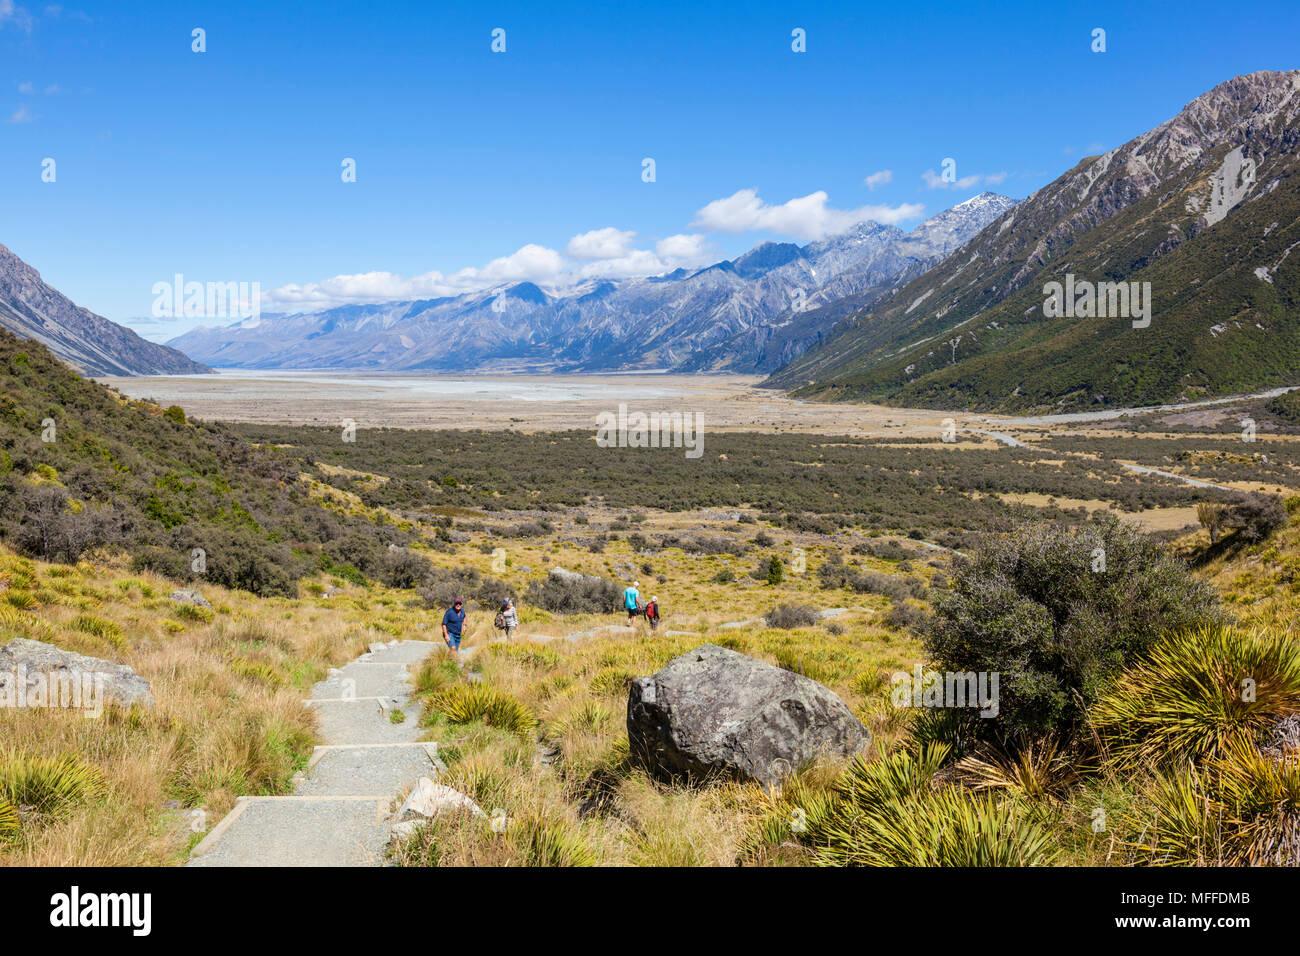 El parque nacional de Monte Cook boardwalk ruta al glaciar de Tasmania nueva zelanda, Isla del Sur, Nueva Zelanda Imagen De Stock